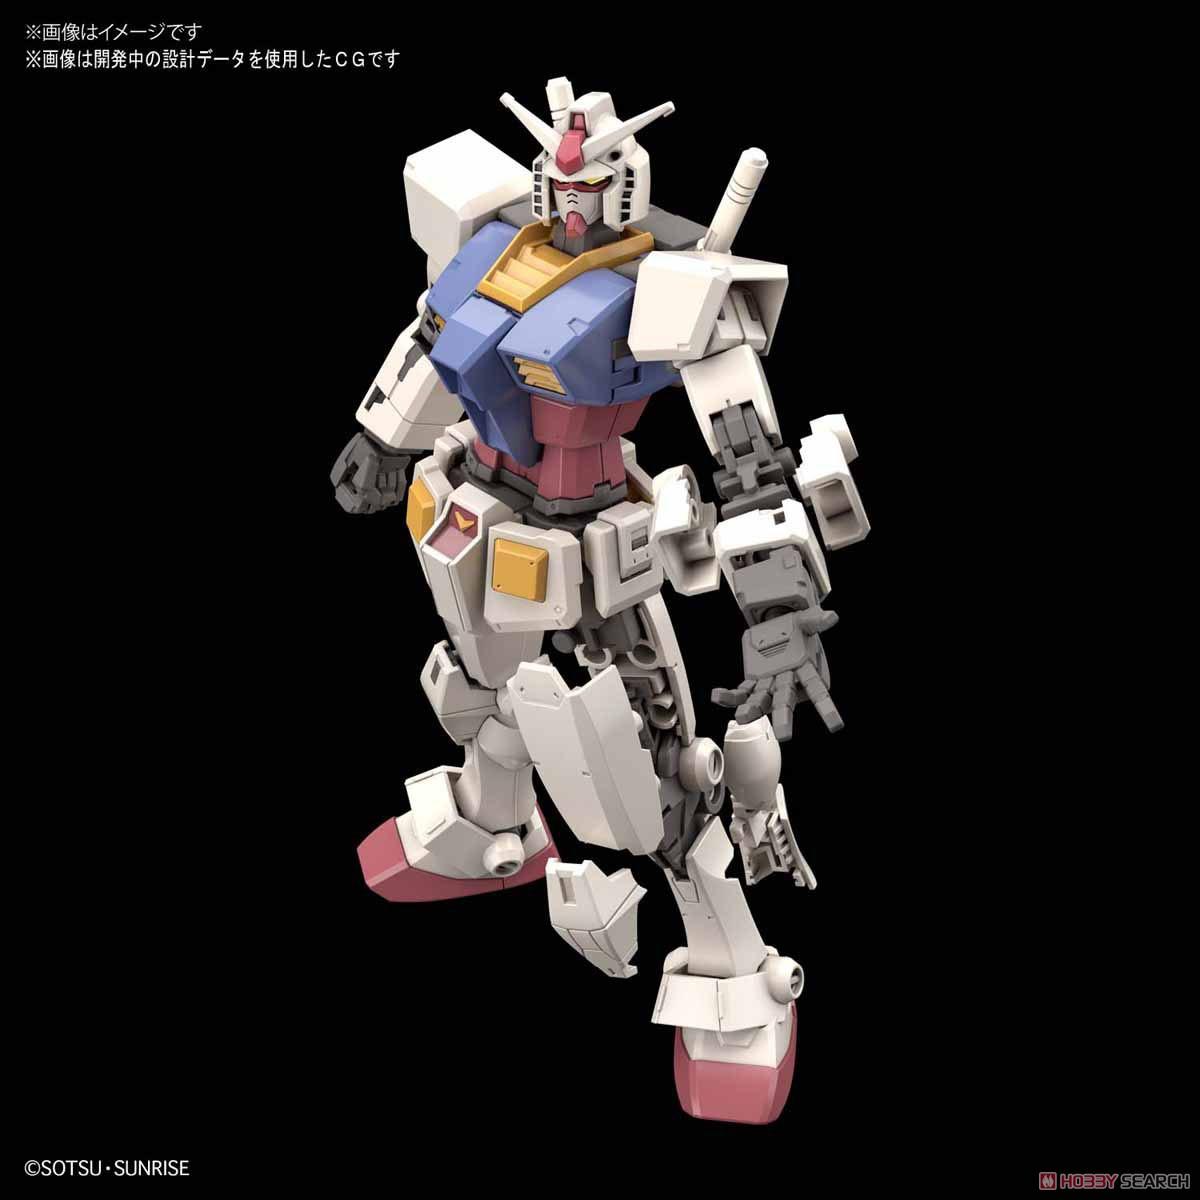 【再販】HG 1/144『RX-78-2 ガンダム[BEYOND GLOBAL]』プラモデル-012